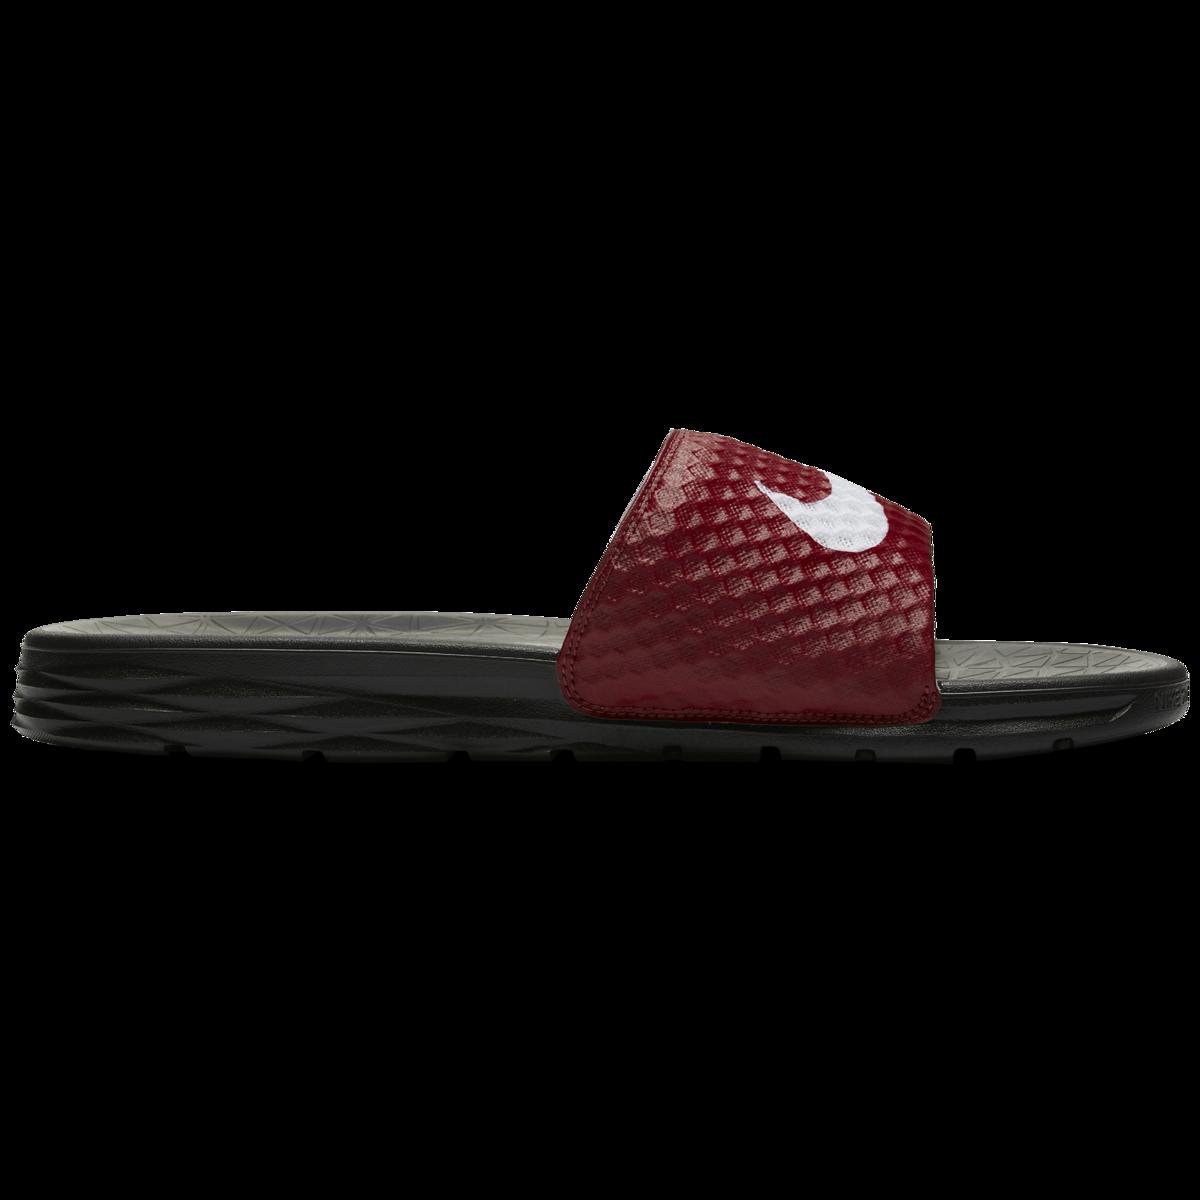 huge selection of f1e31 1ec89 Nike Benassi Solarsoft Slide 2 Men's Slides - 705474-602 | Shoes ...